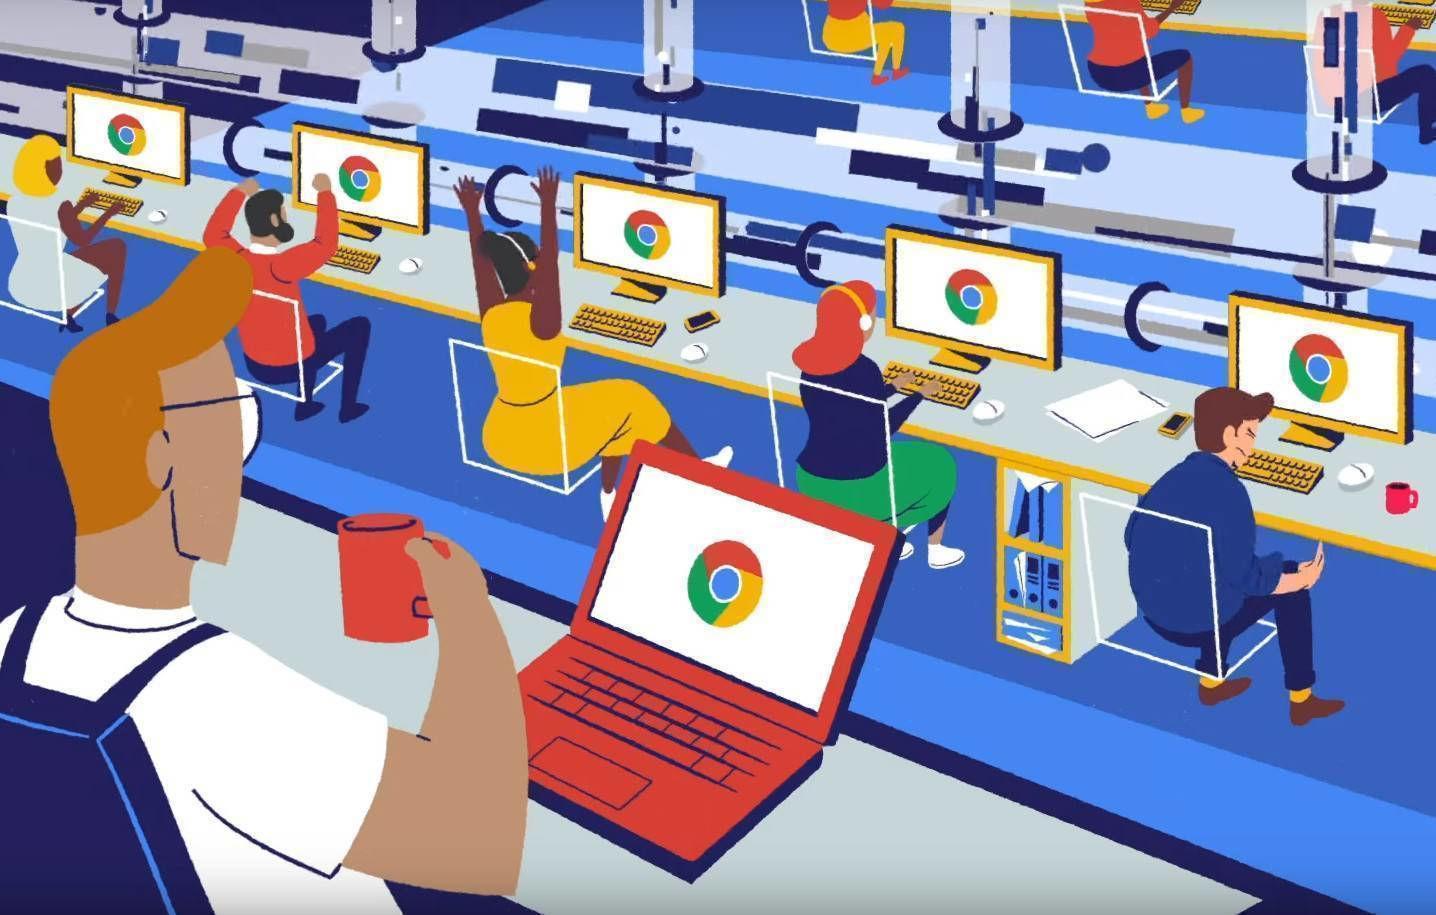 uBlock Origin zablokowany w Chrome Web Store. Twórca zaleca zmianę przeglądarki